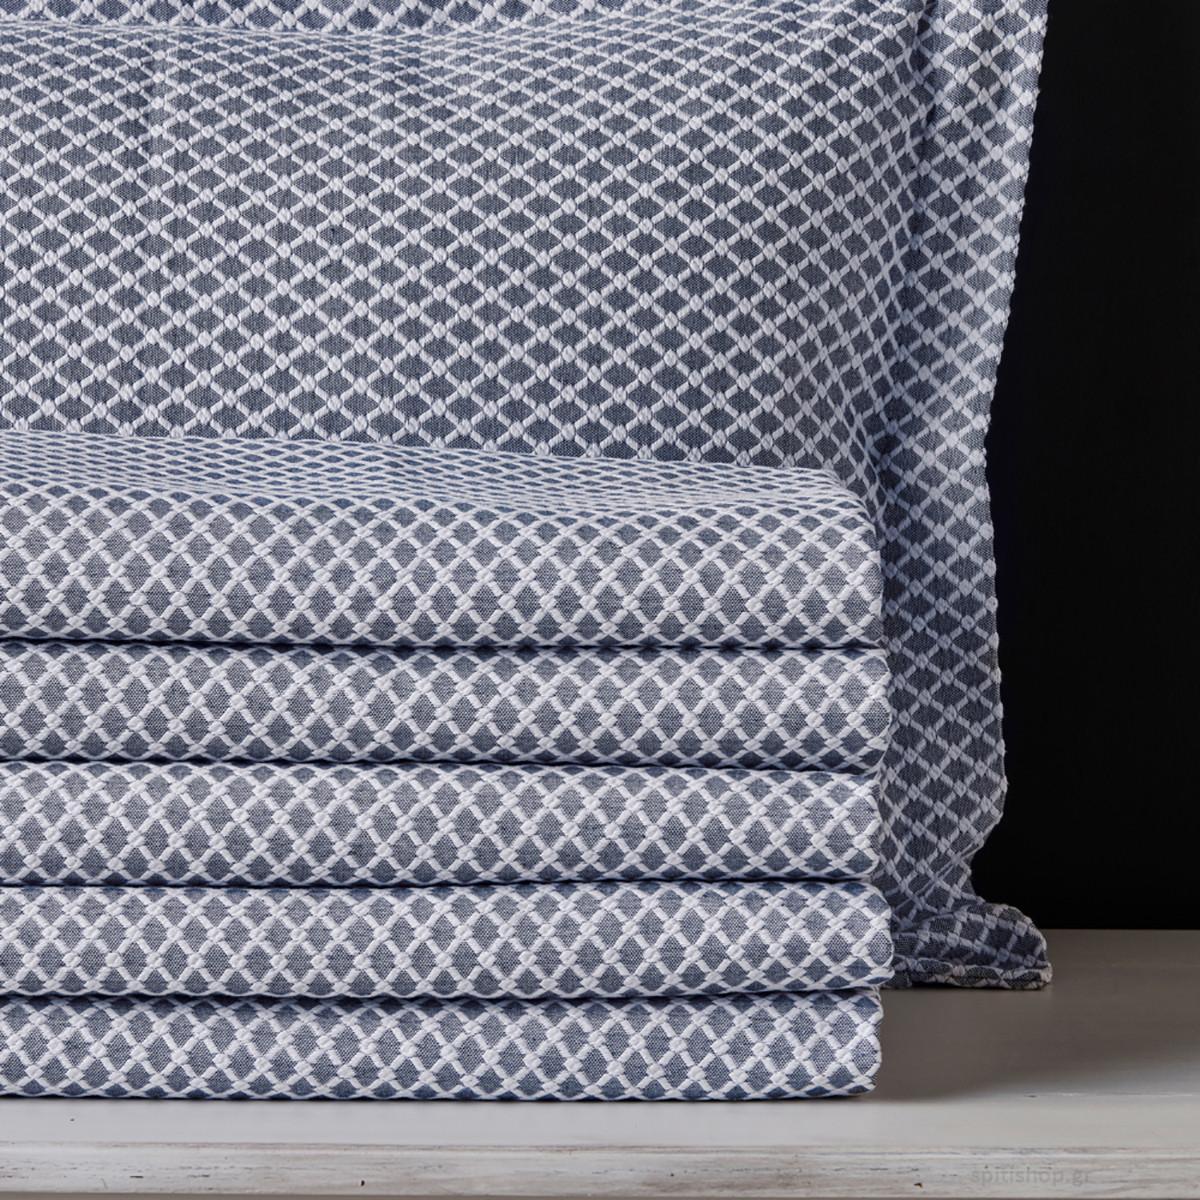 Κουβερτόριο Μονό Kentia Stylish Diamand 19 home   κρεβατοκάμαρα   κουβέρτες   κουβέρτες καλοκαιρινές μονές